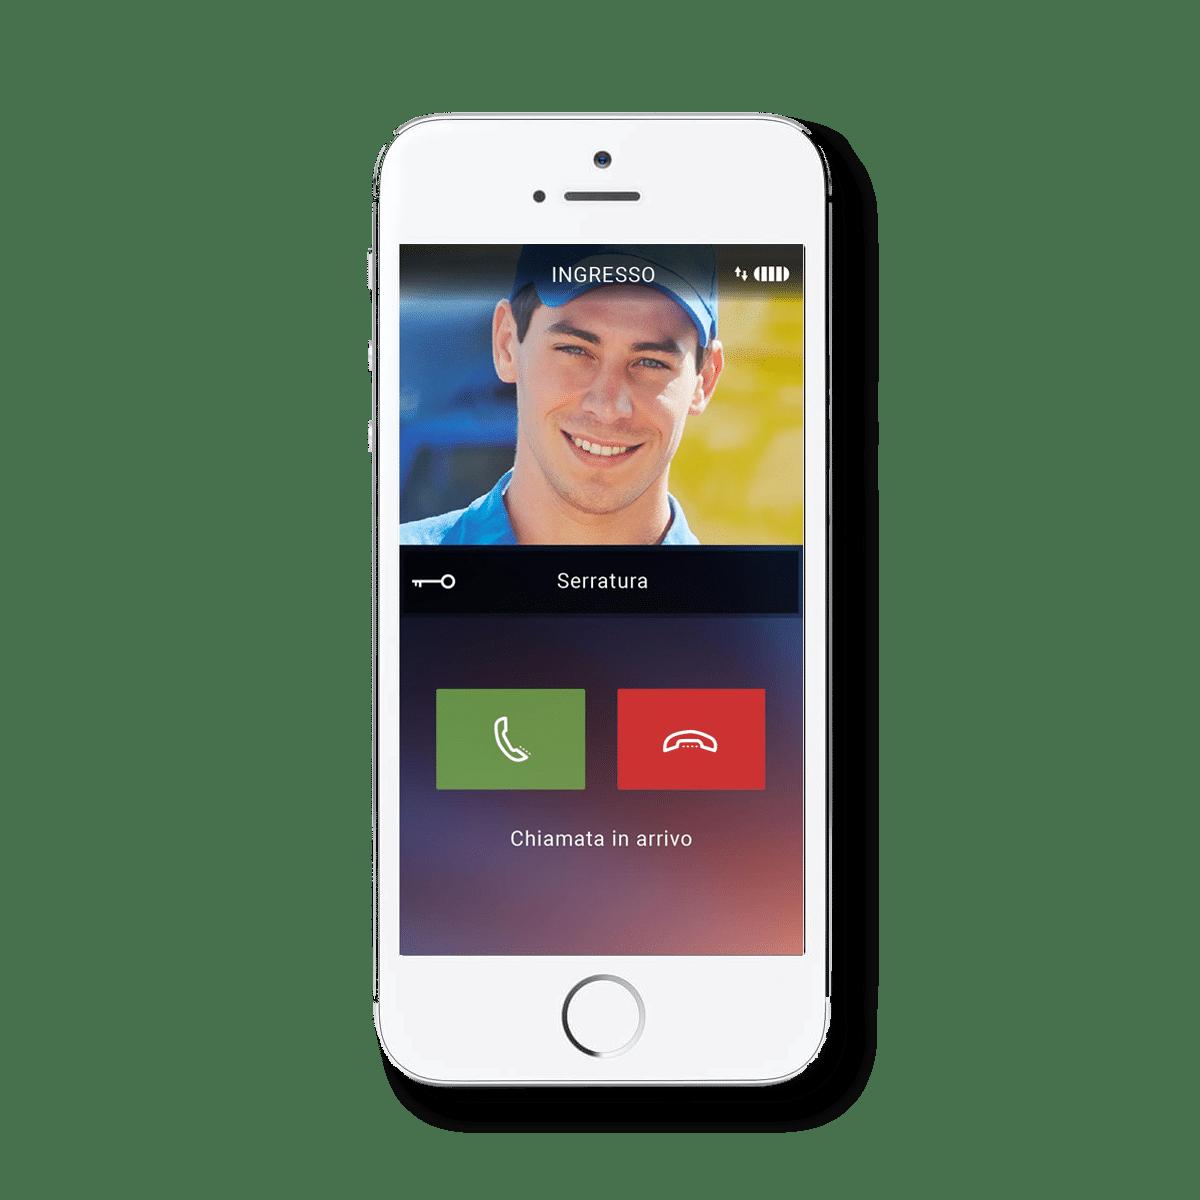 GESTISCI IL TUO VIDEOCITOFONO DA TELEFONO